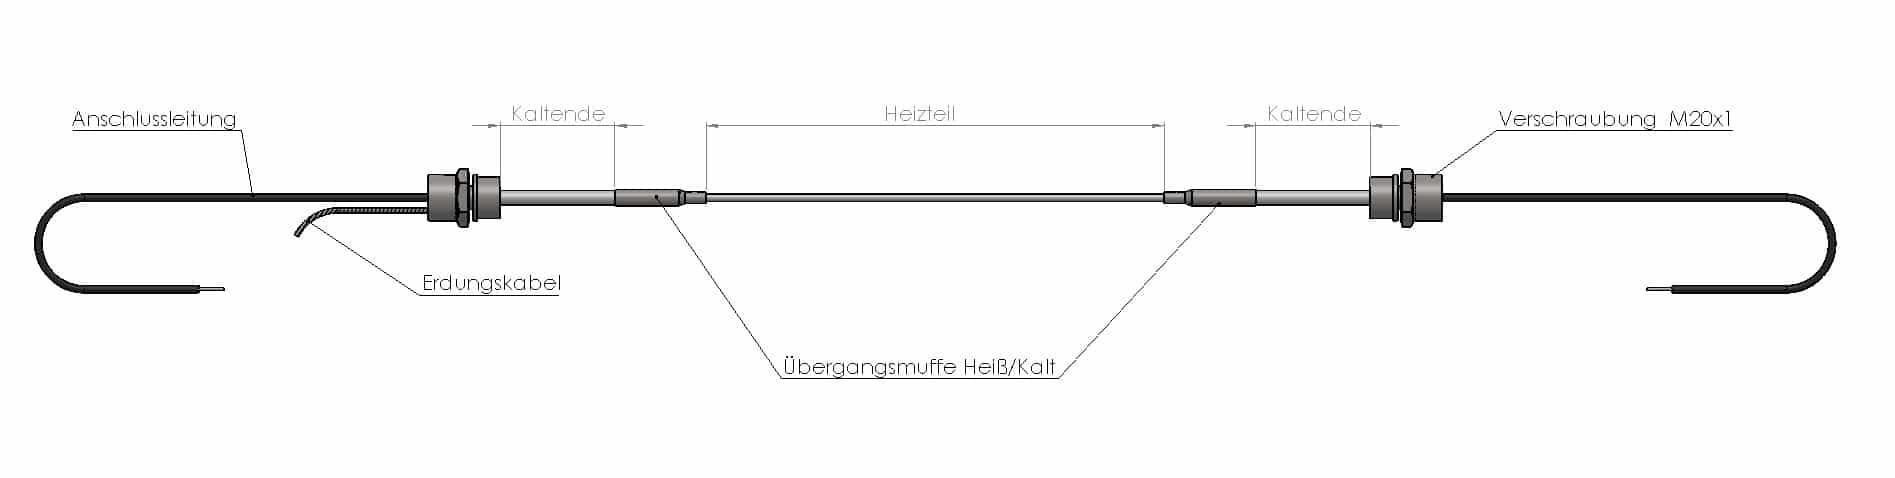 Heizleiter mit angesetzten Kaltenden + Kabel